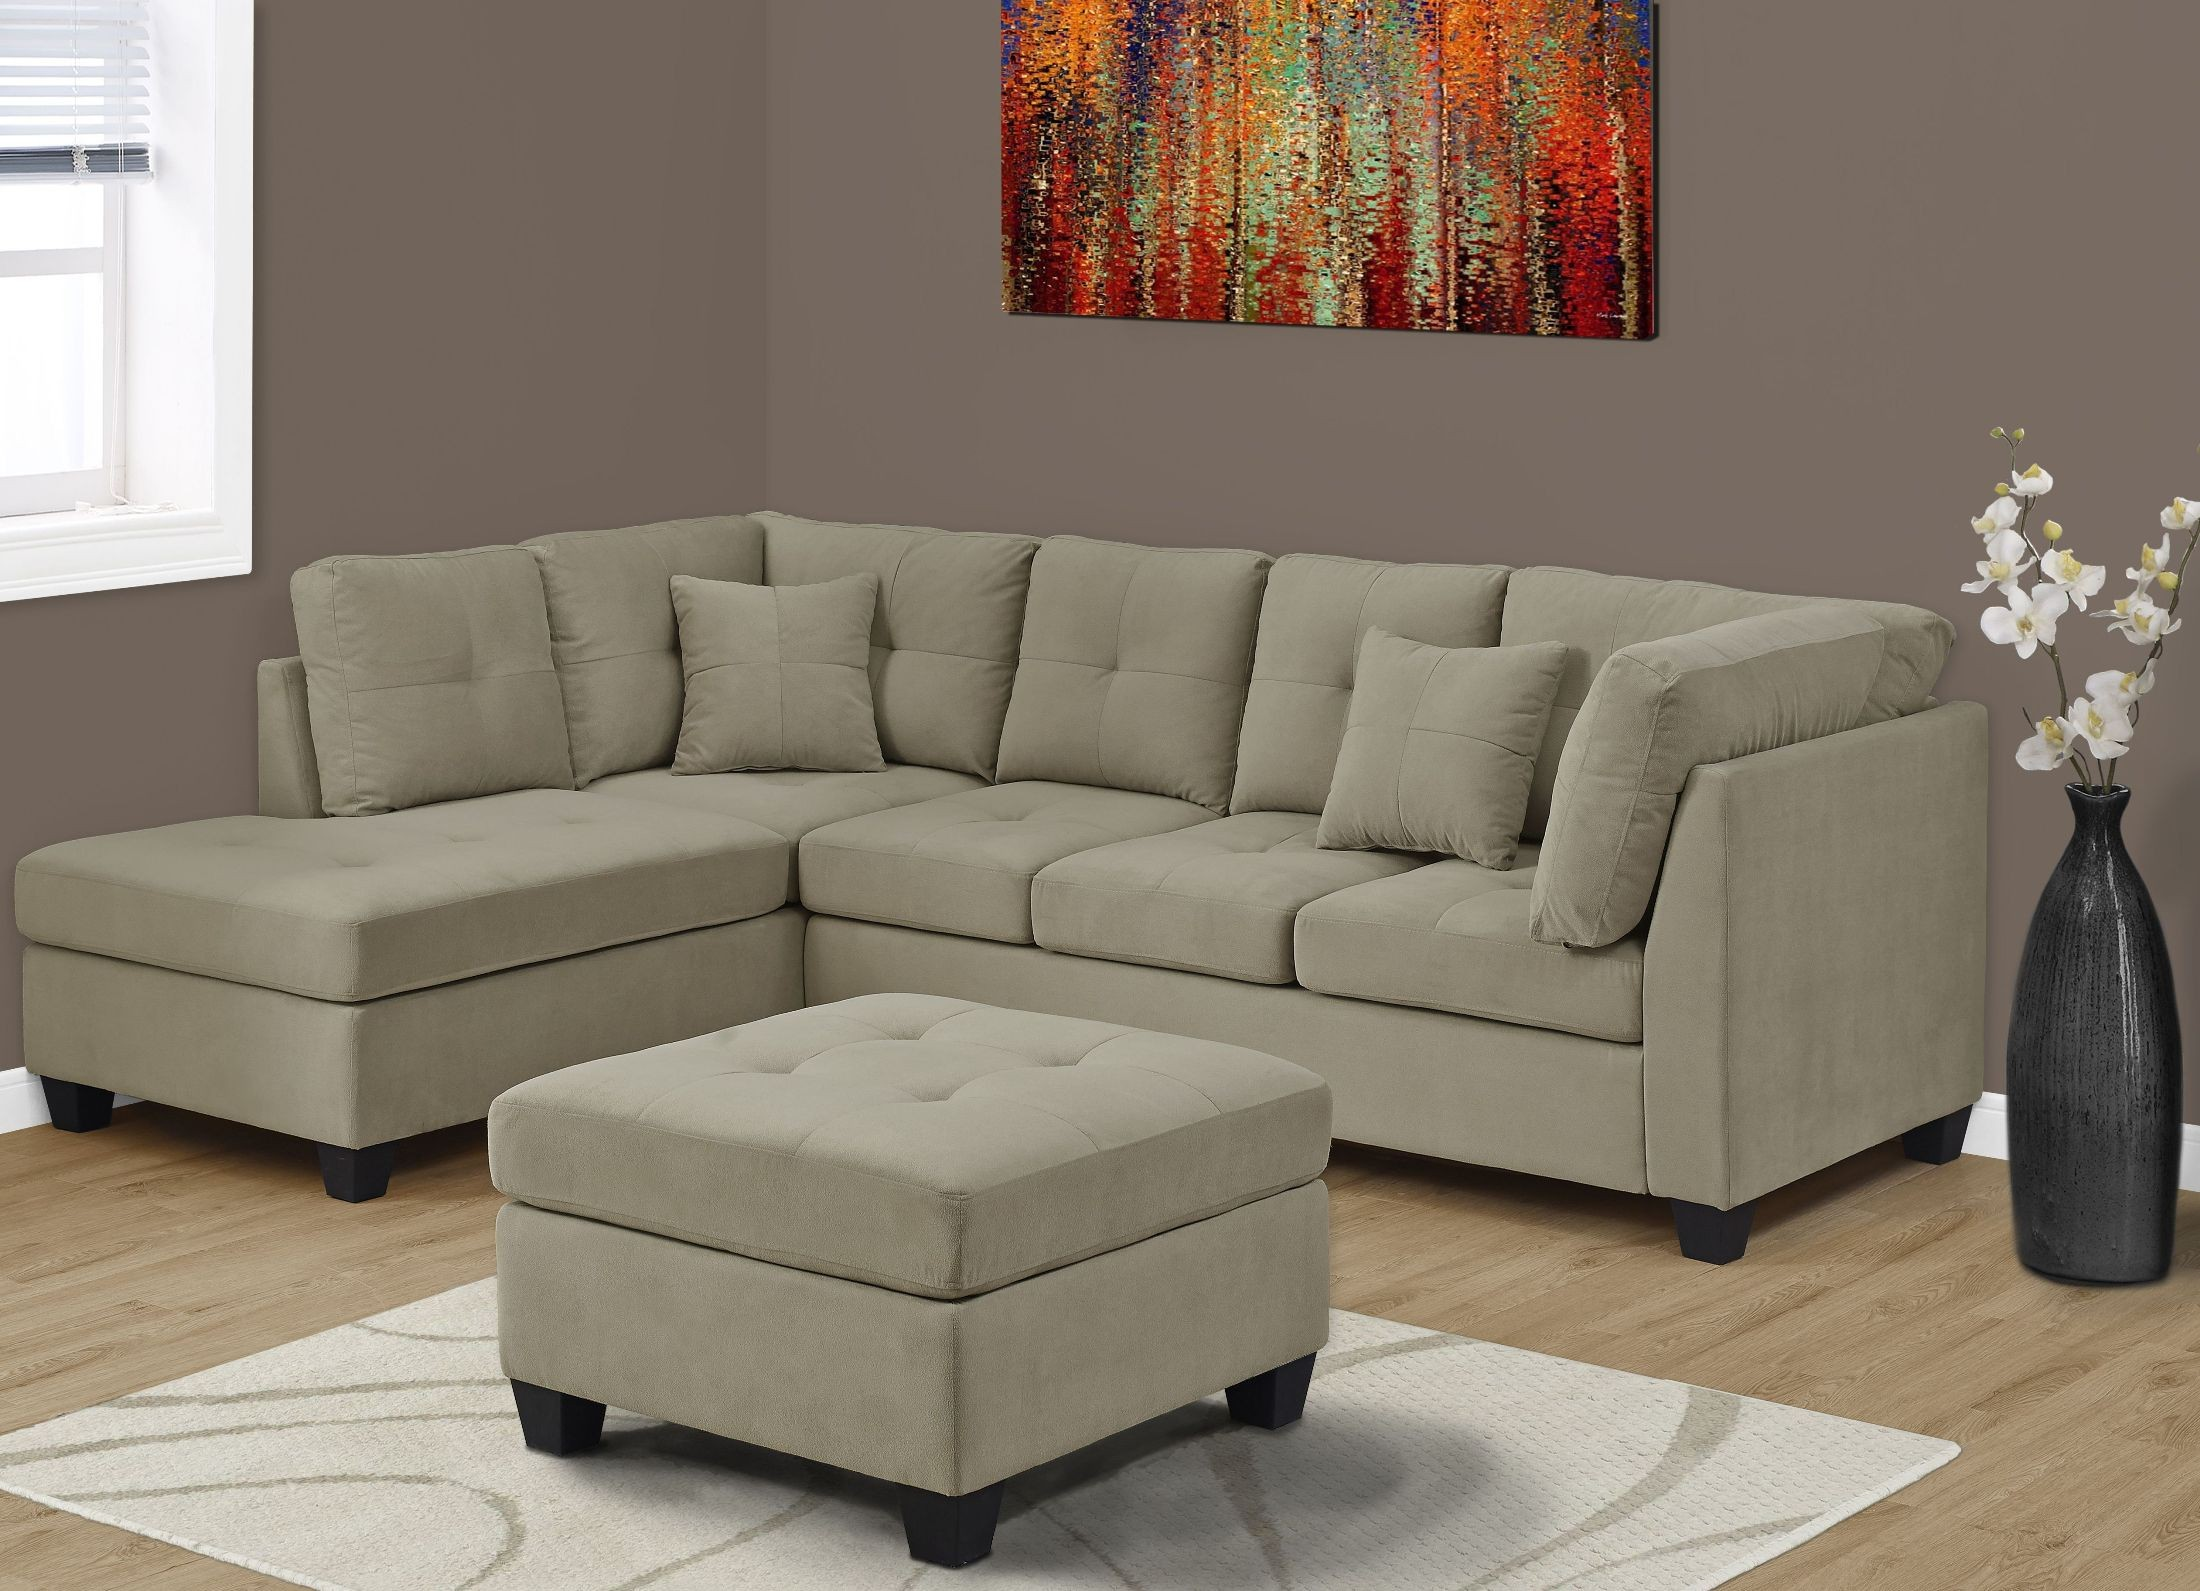 ultra soft taupe velvet sectional sofa